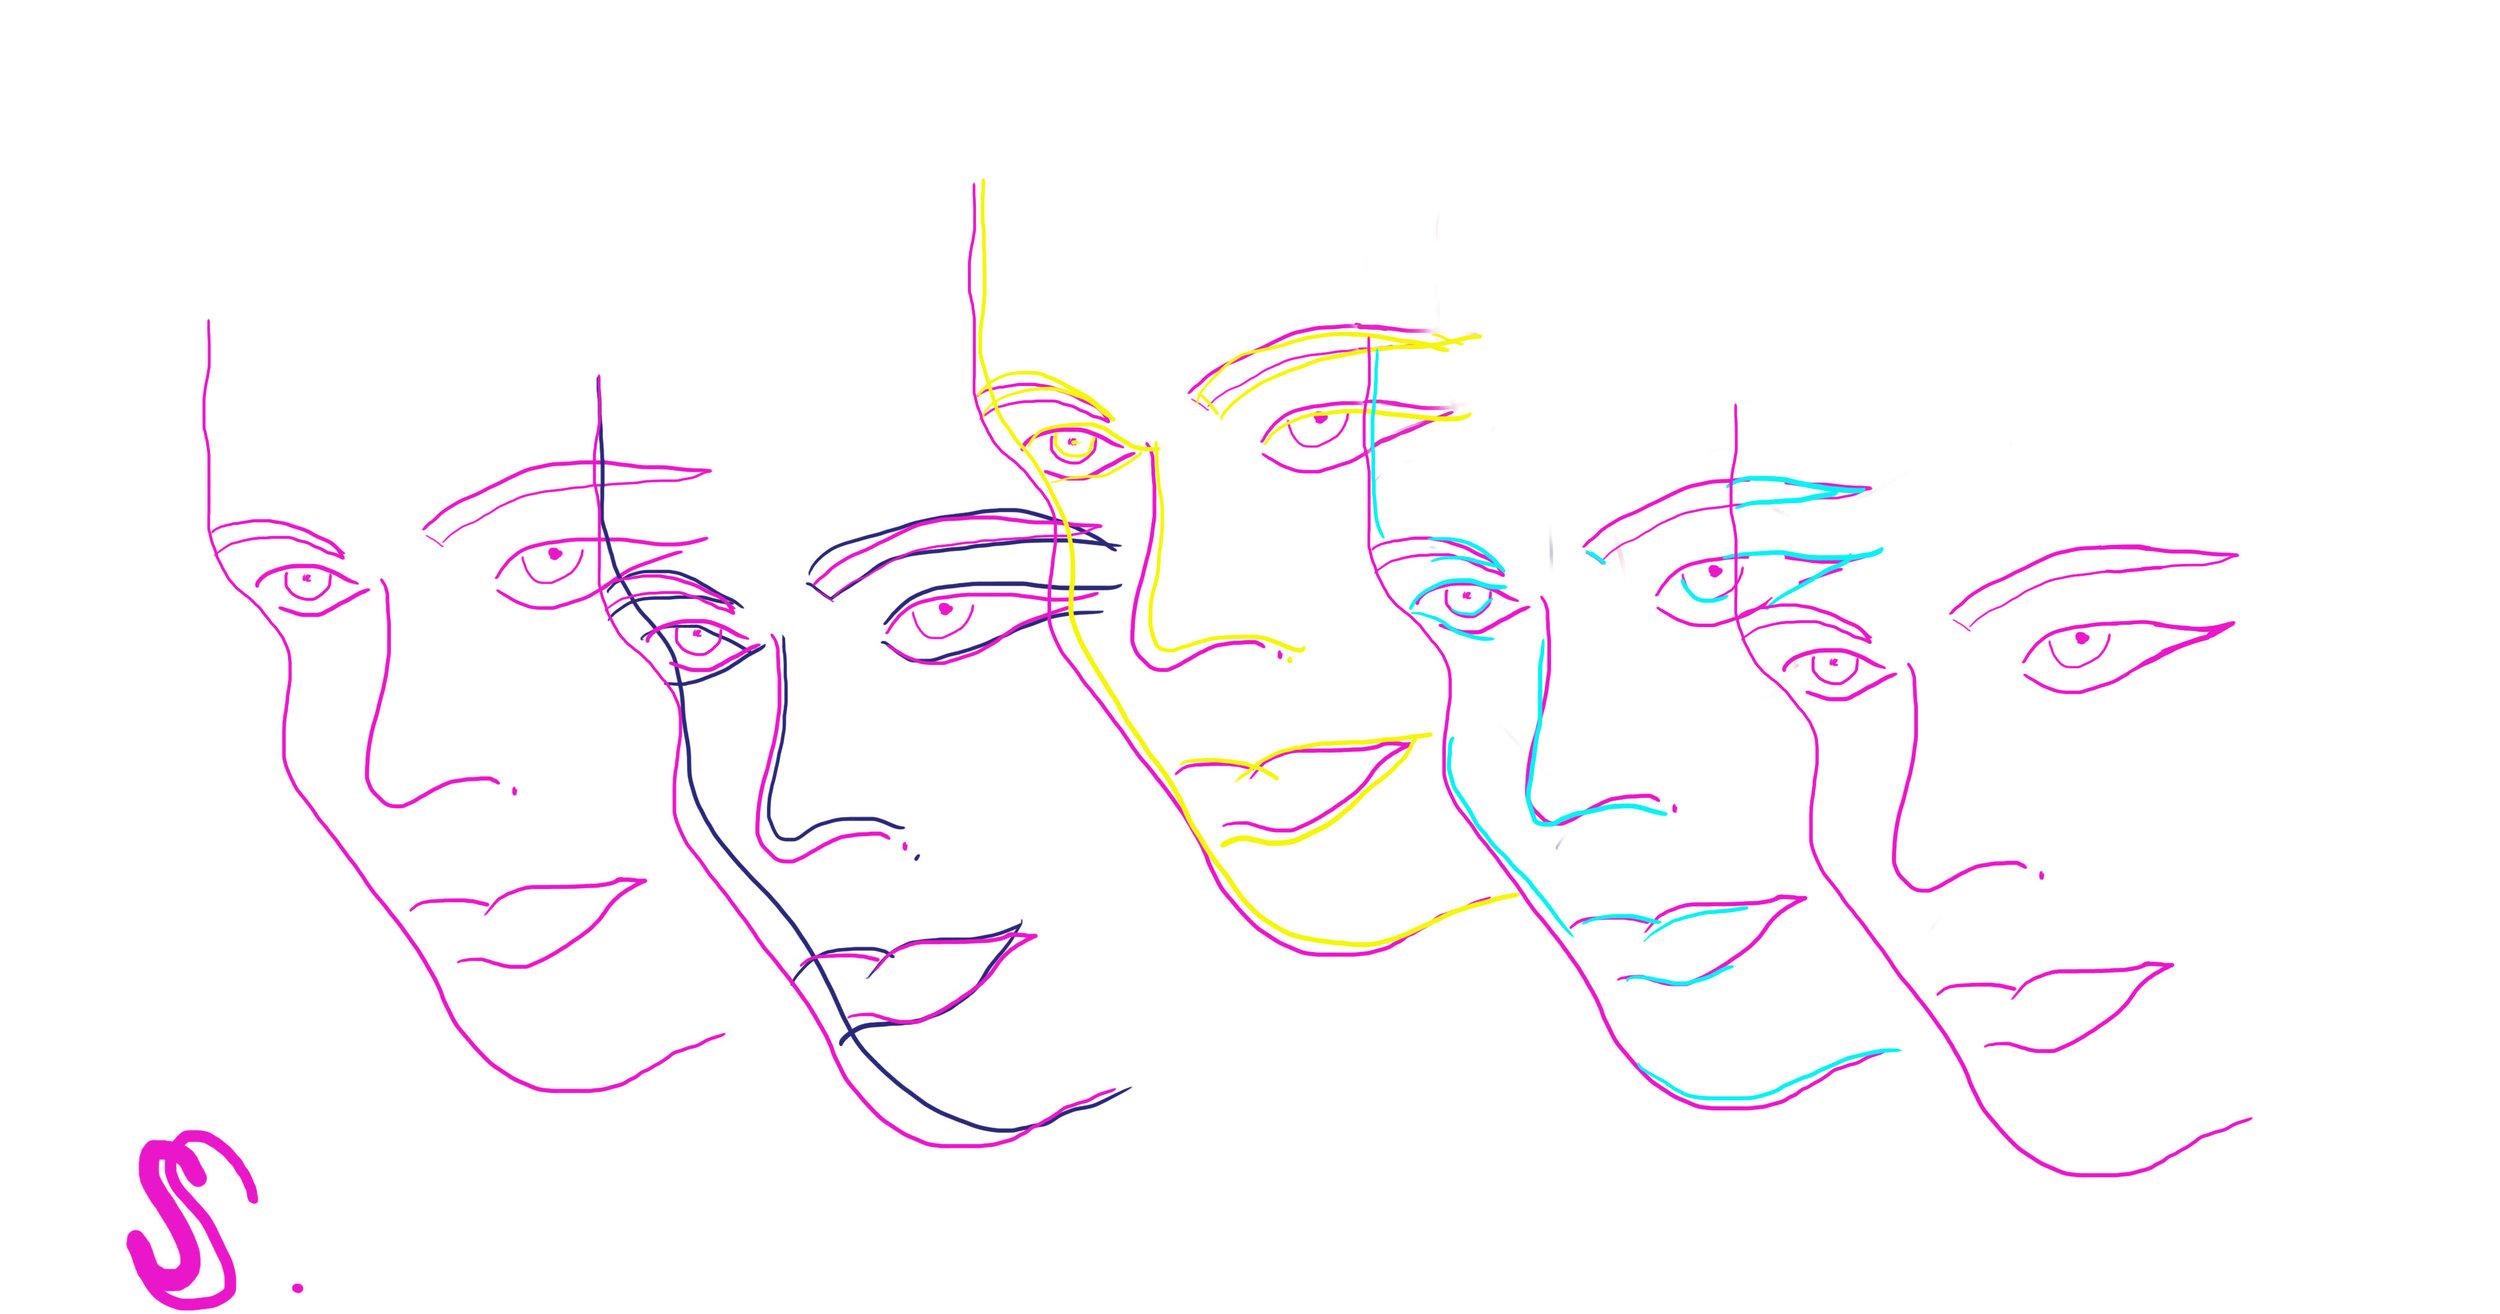 Drawn faces (1).jpg